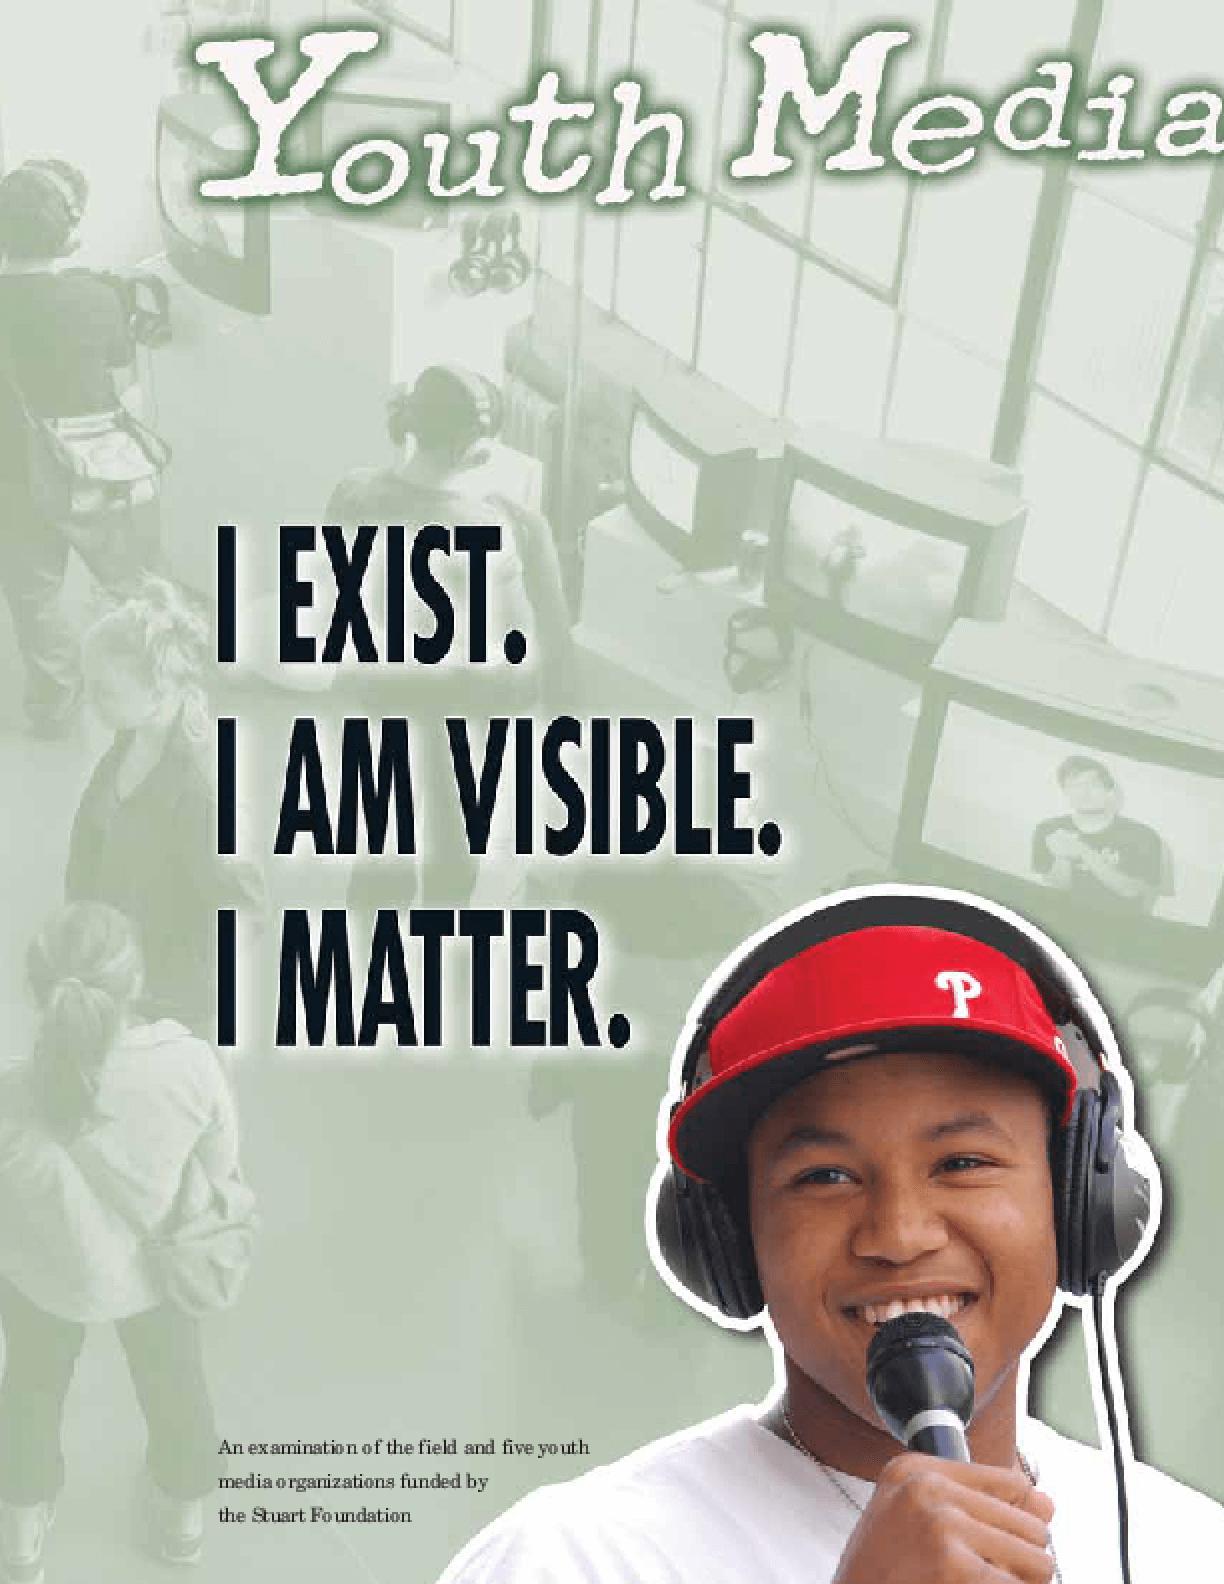 Youth Media: I Exist. I Am Visible. I Matter.